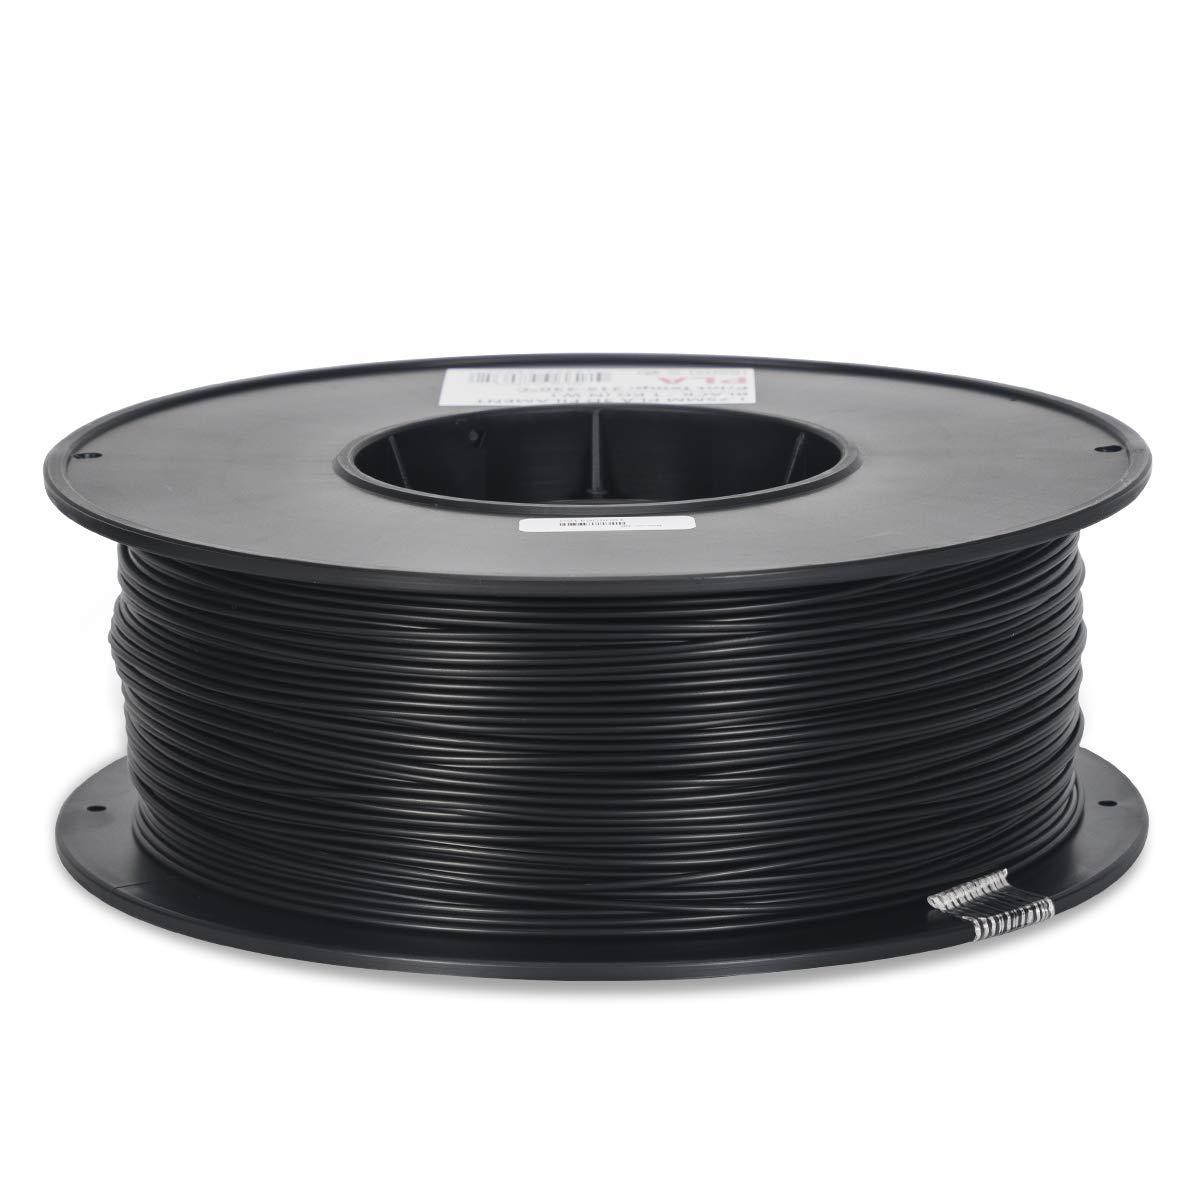 3d Printer Consumables 3d Printer Filament Pla 1.75mm Blue 1kg Spool Reel Premium High Quality Print Ture 100% Guarantee 3d Printers & Supplies